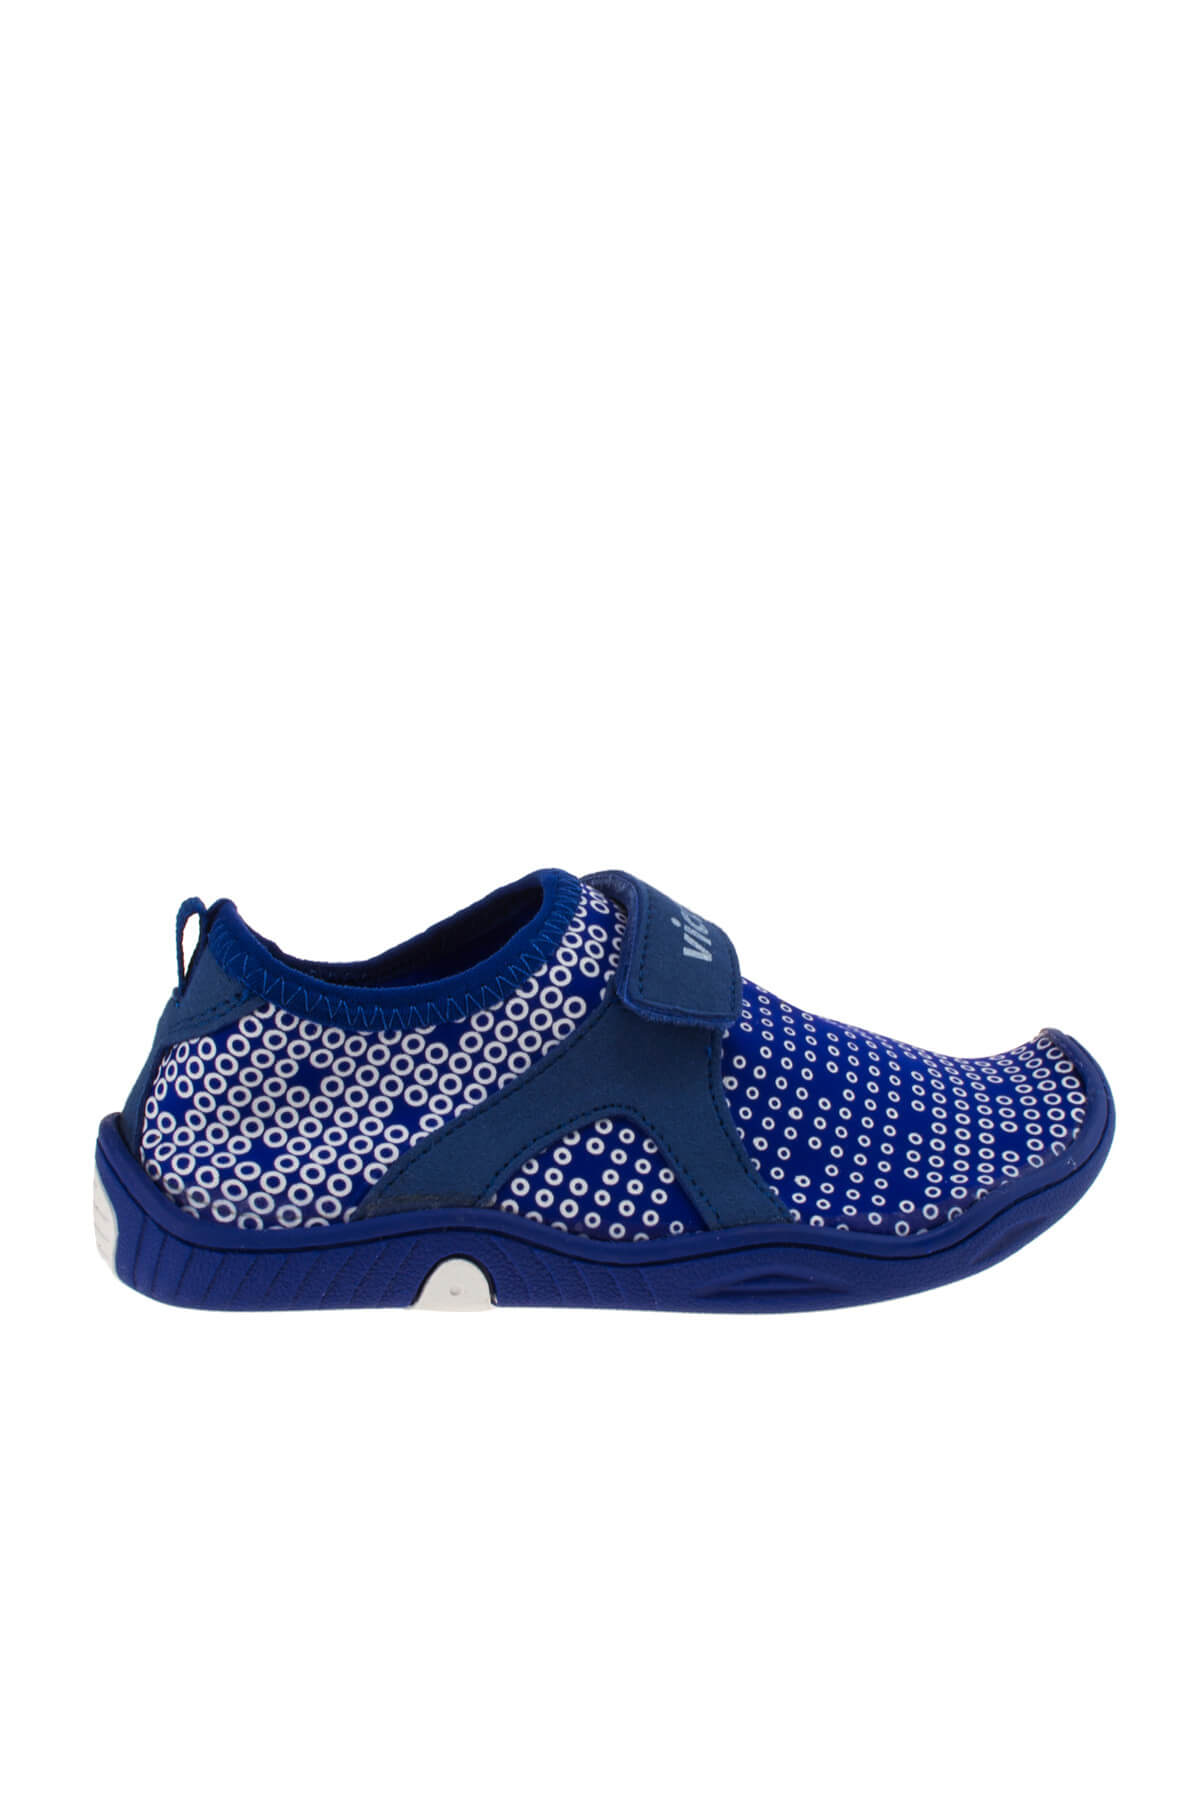 Vicco Saks Mavi Çocuk Ayakkabı 211 224.18Y657F 2